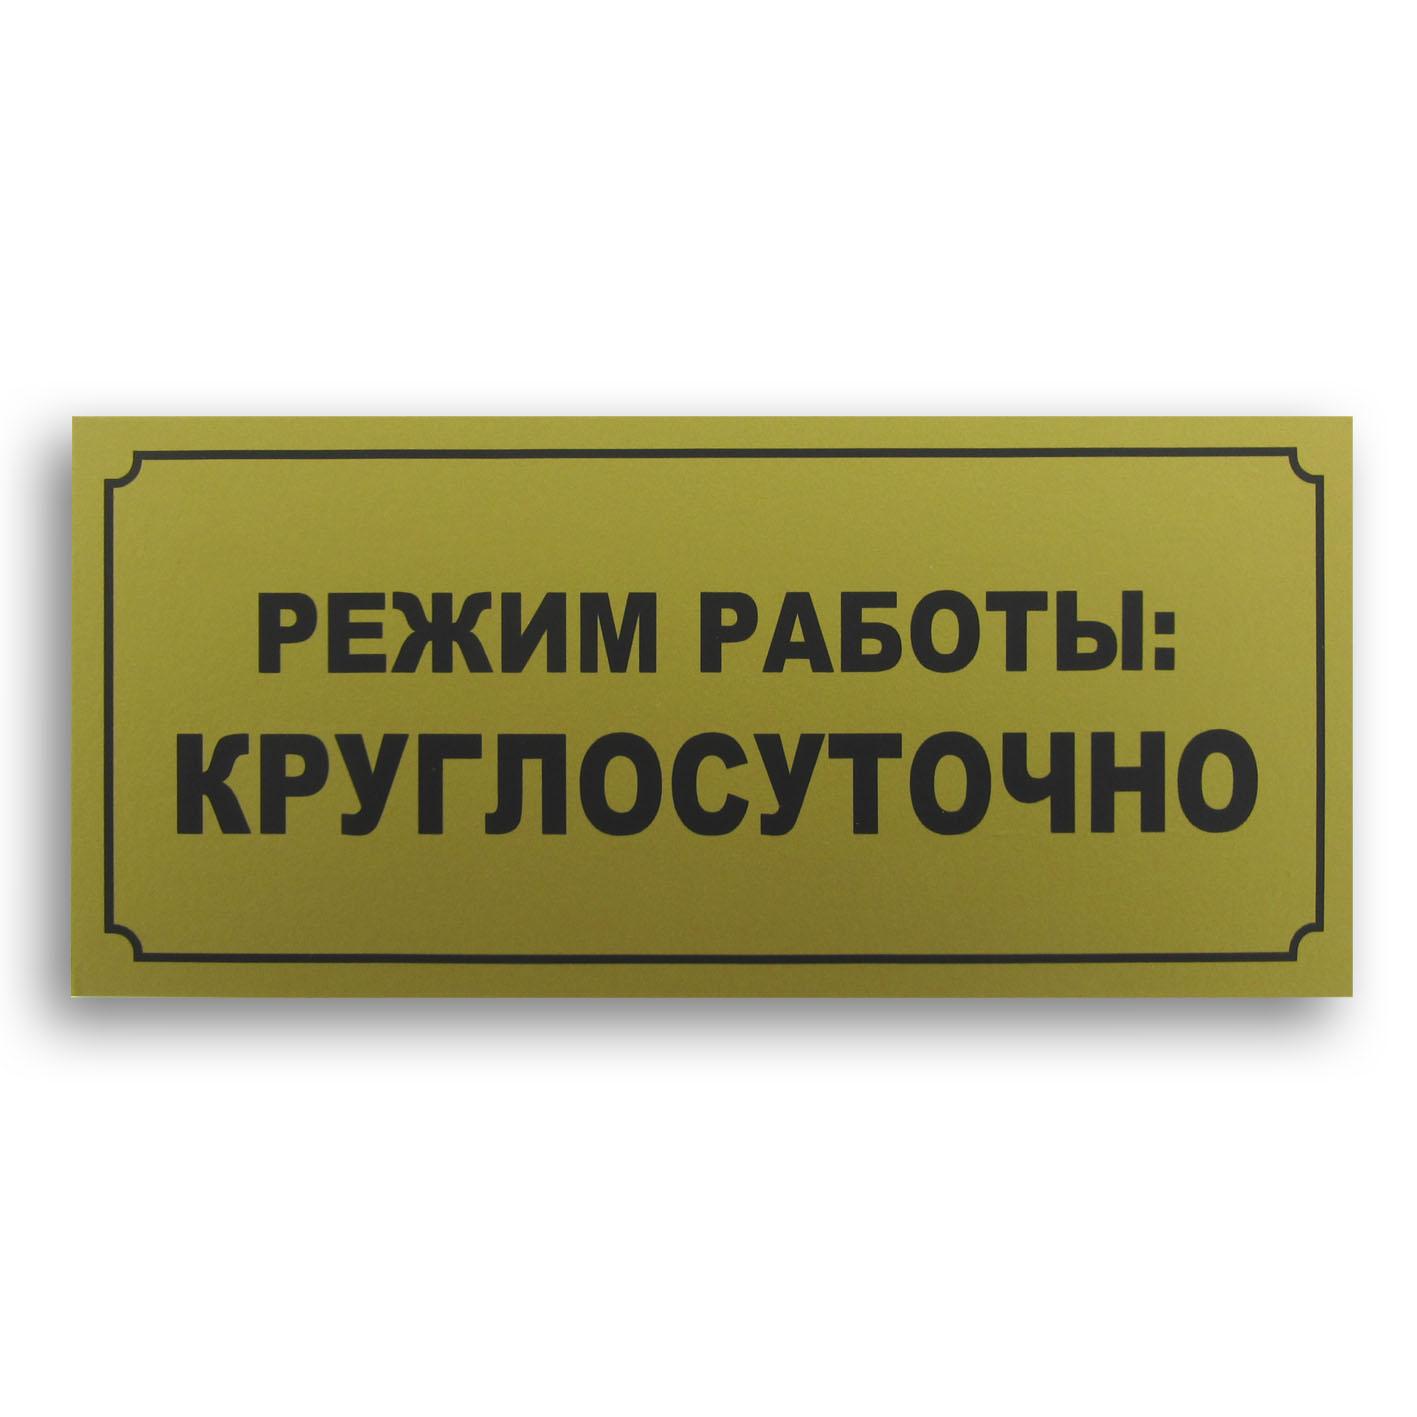 samokleka_3